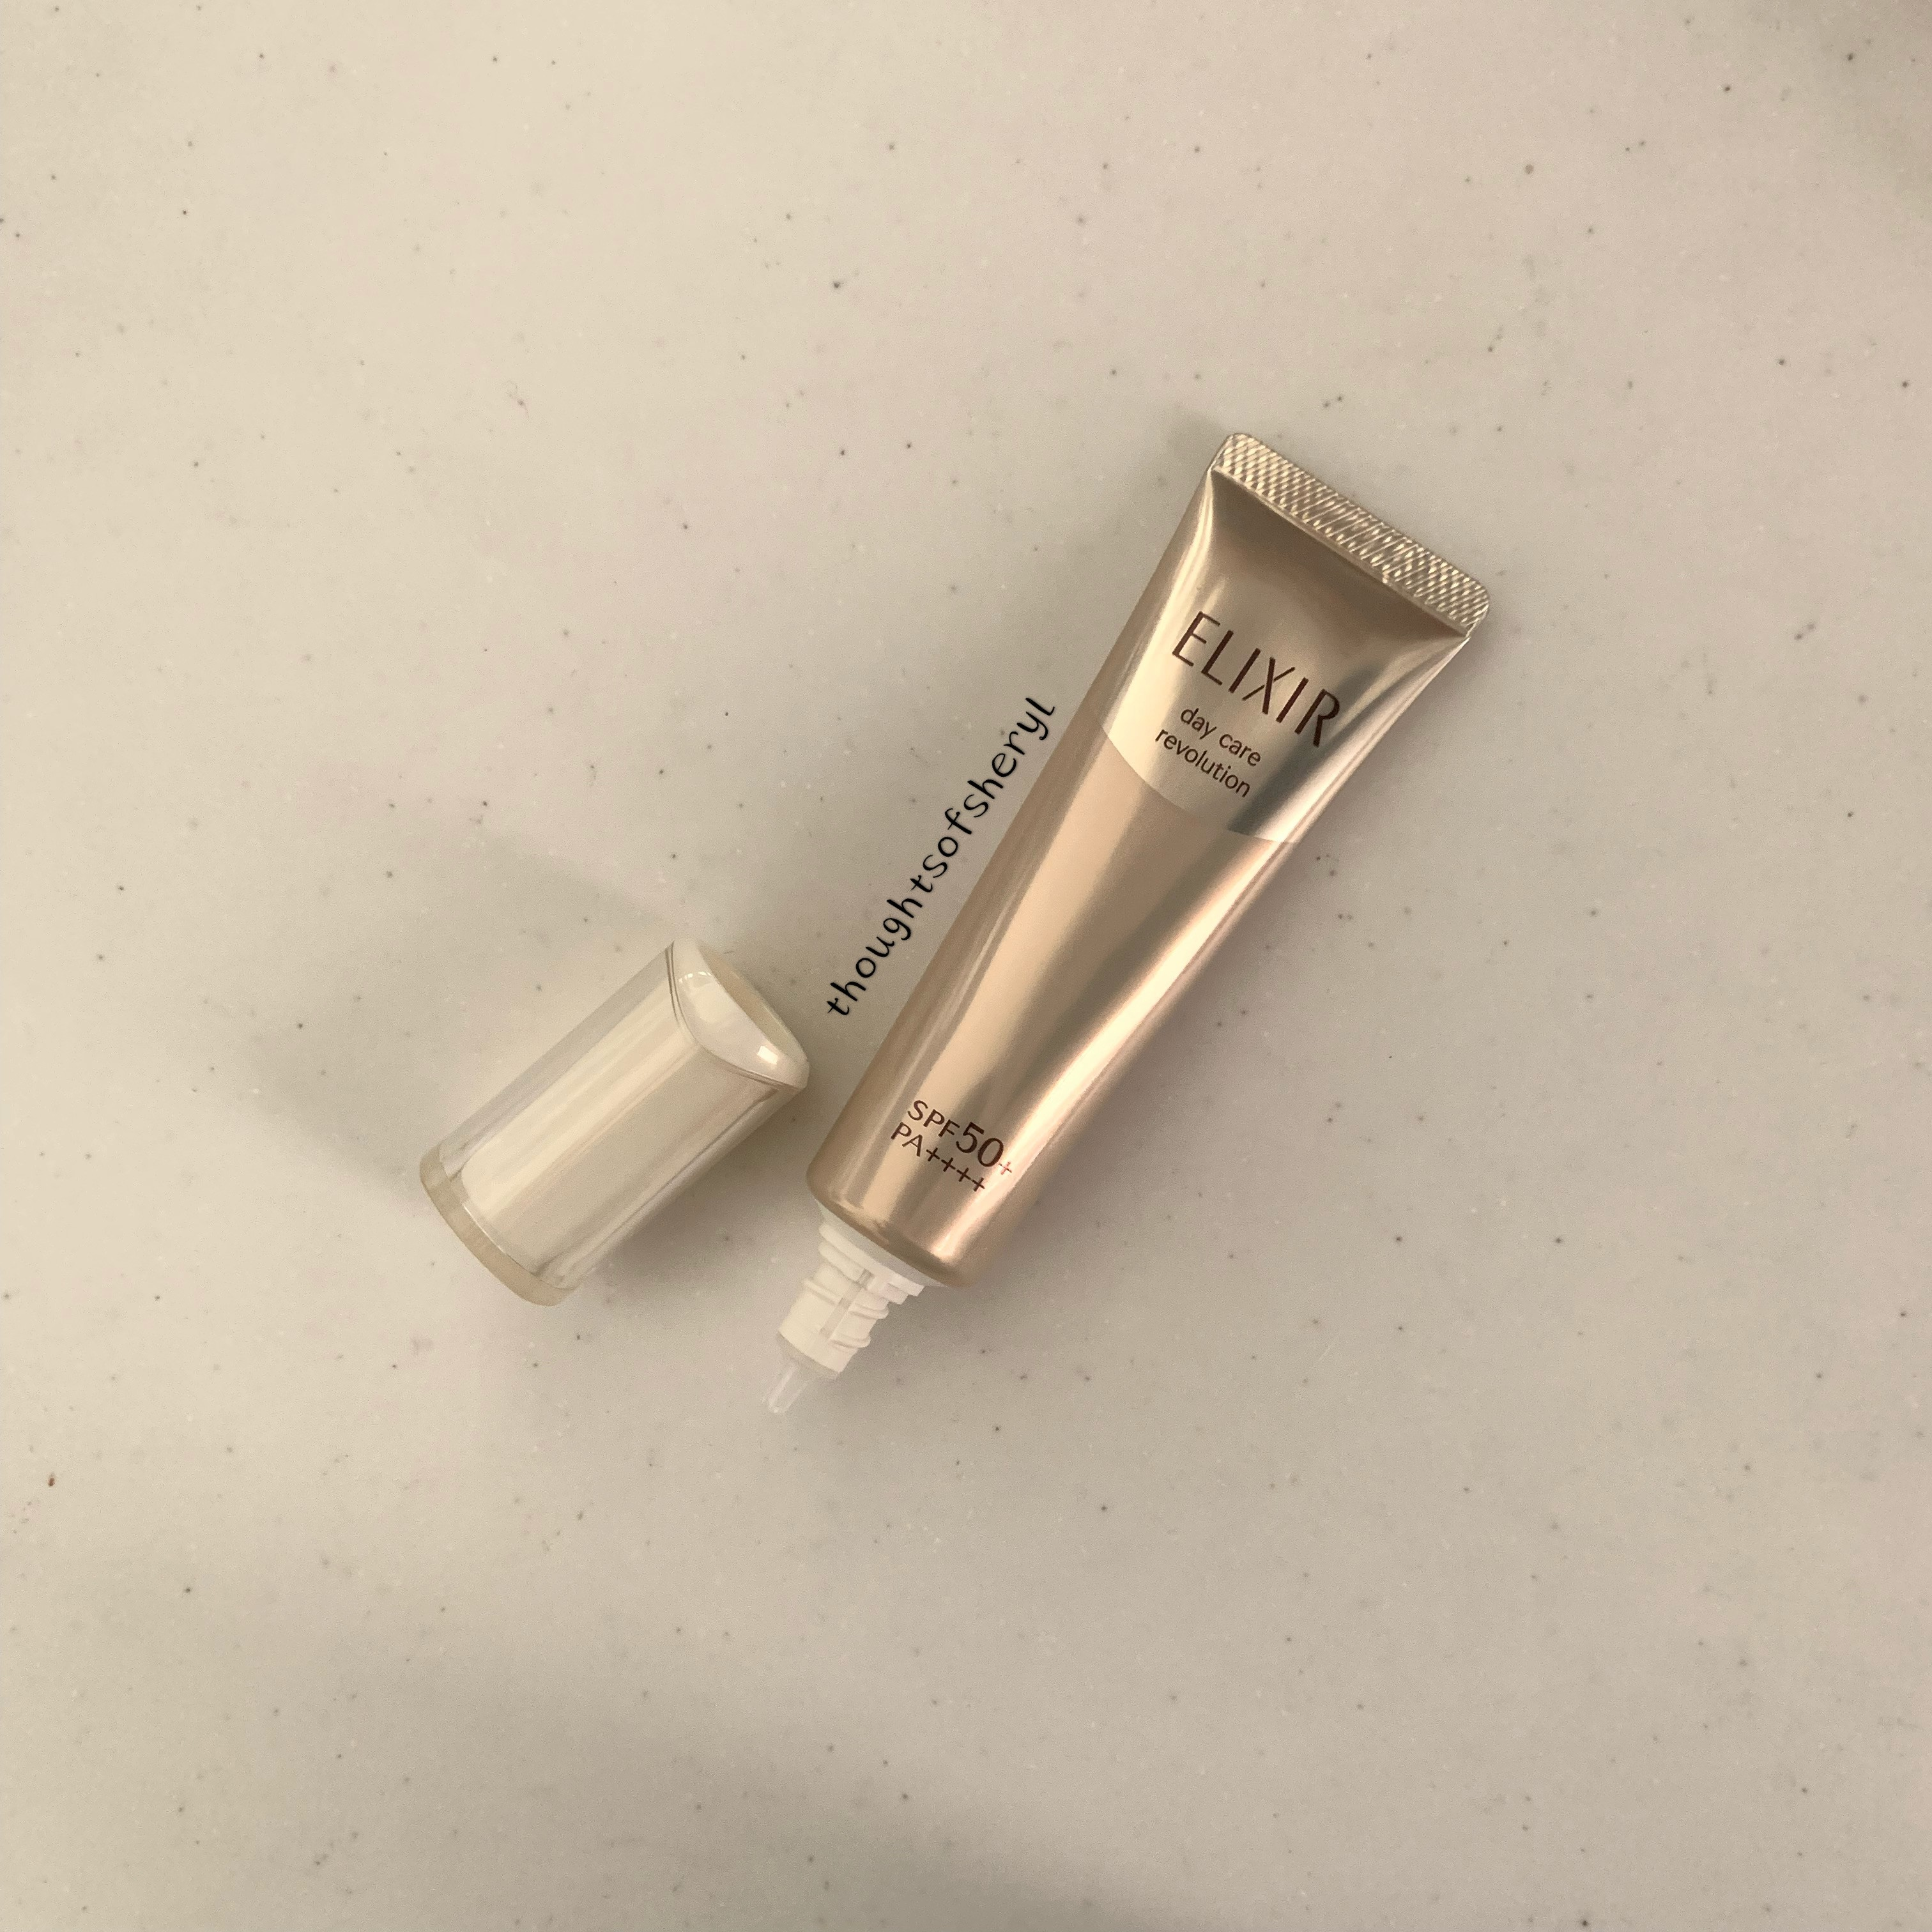 shiseido elixir day care revolution spf 50 review